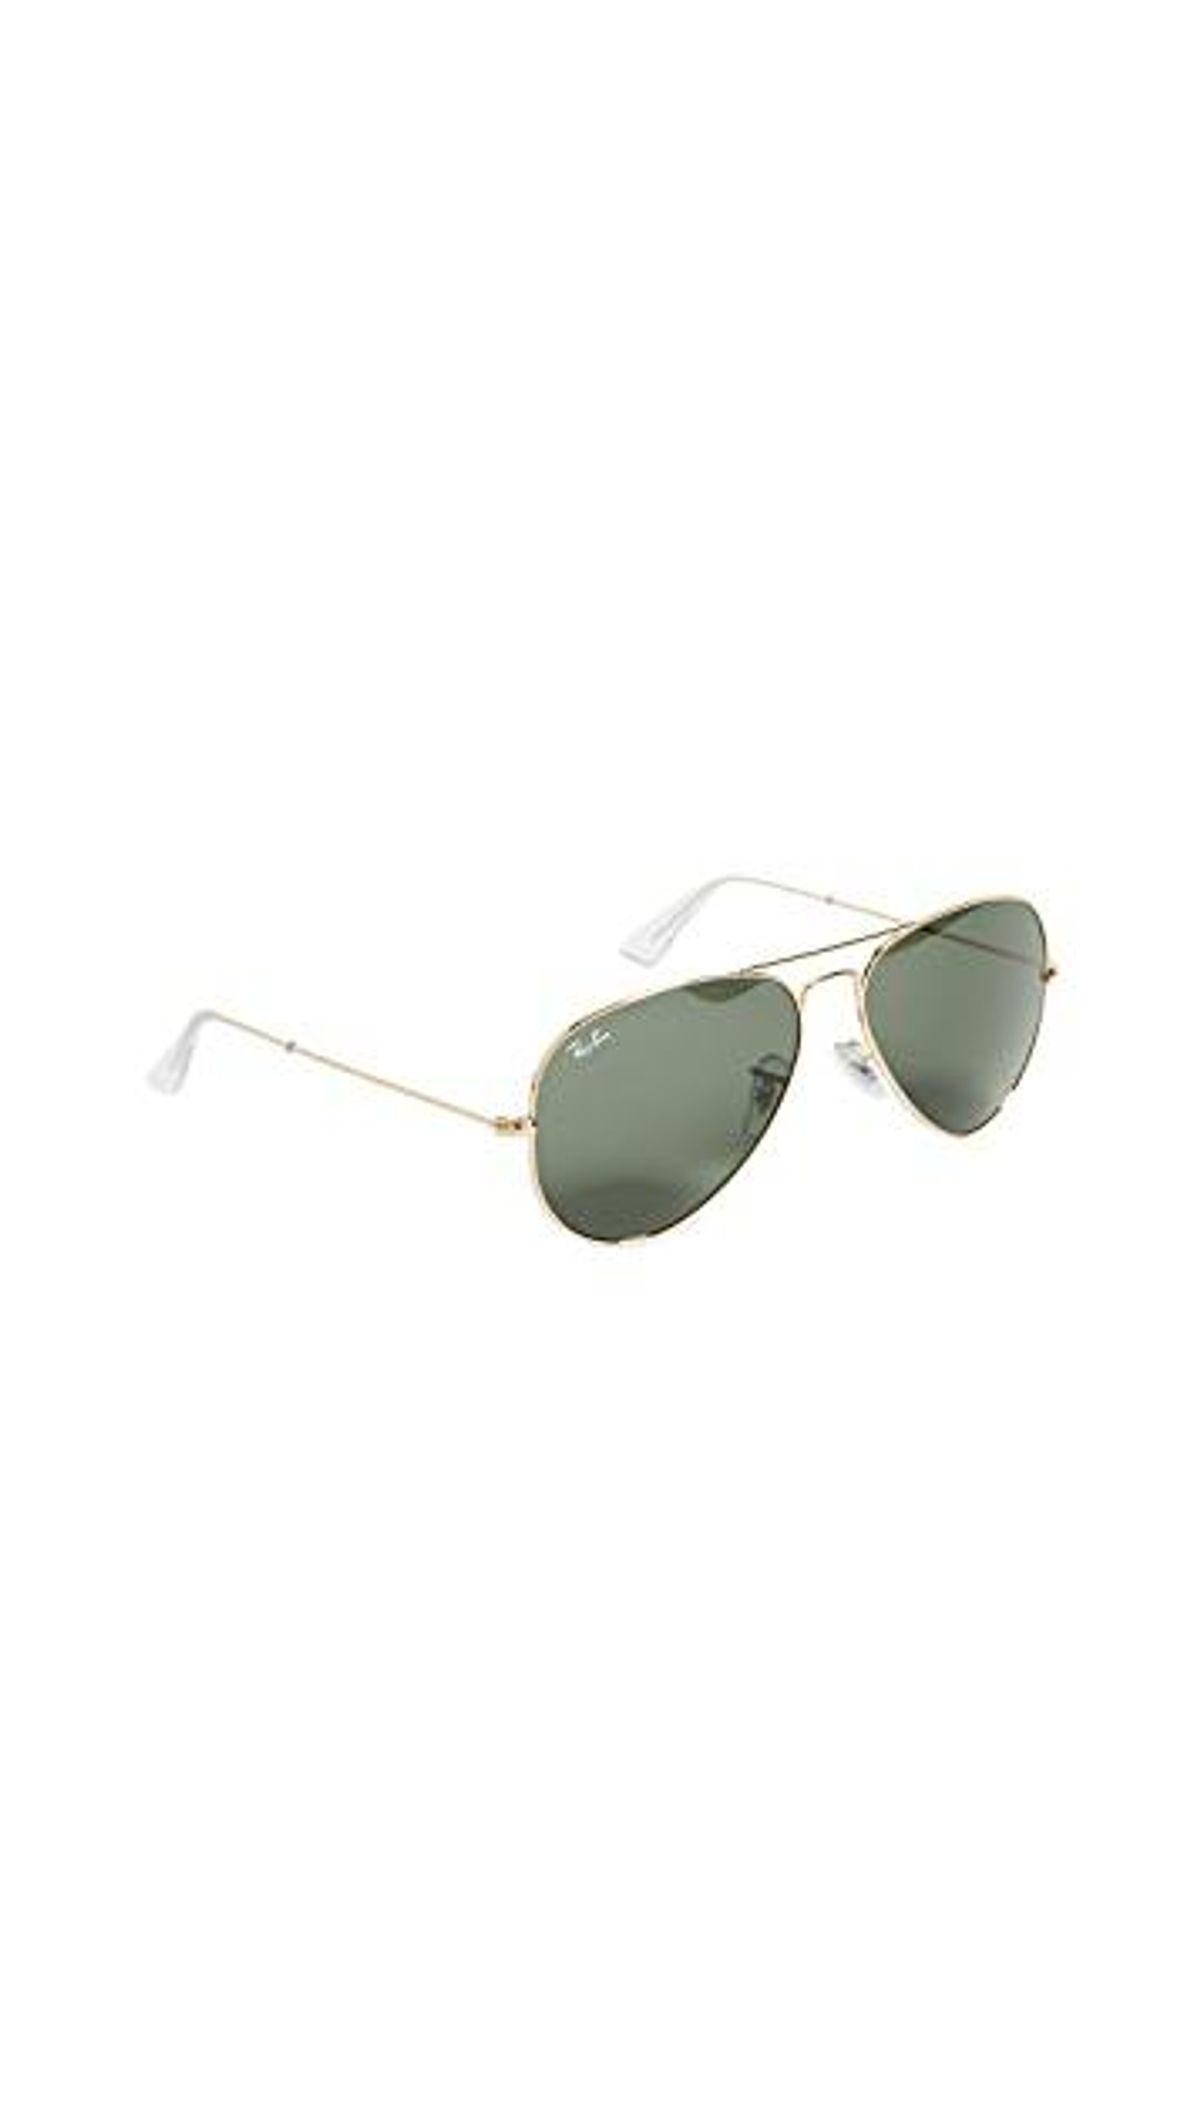 RB3025 Original Aviator Sunglasses